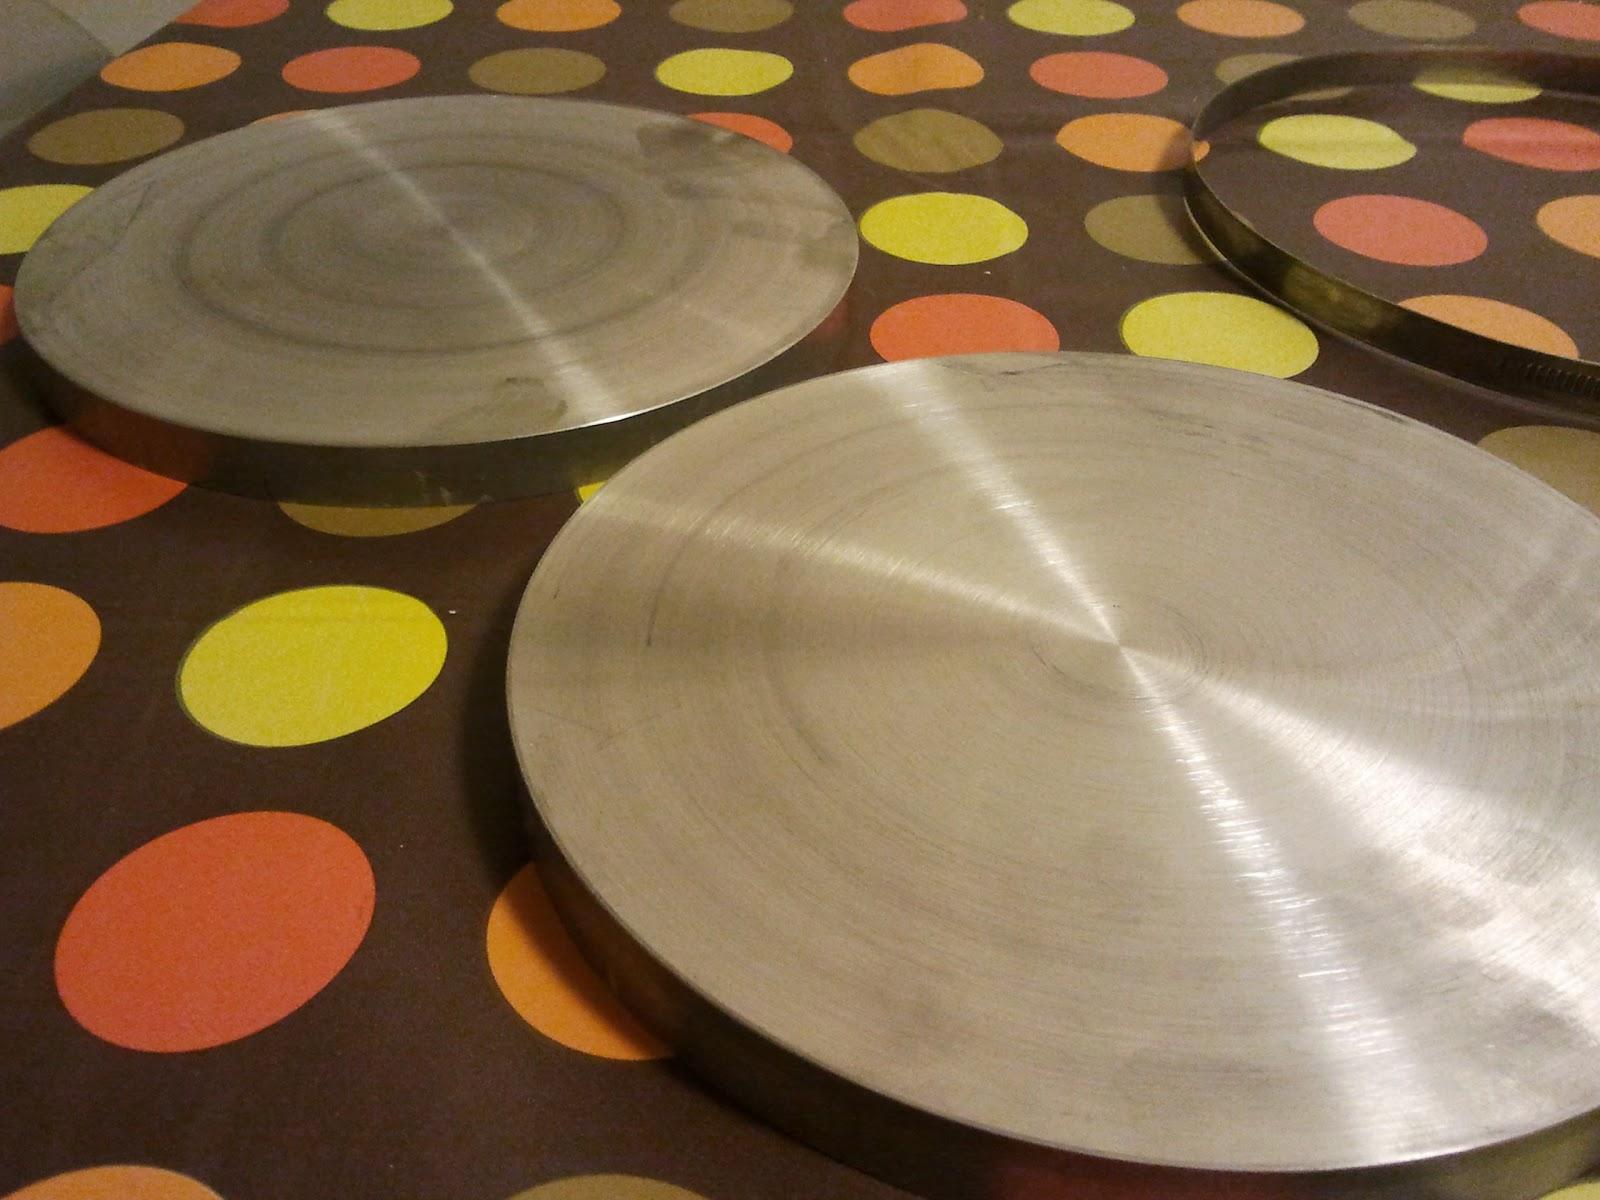 Diario de un telescopio reflector tipo newton pontevedra 2012 octubre 2012 - Pulir aluminio a espejo ...